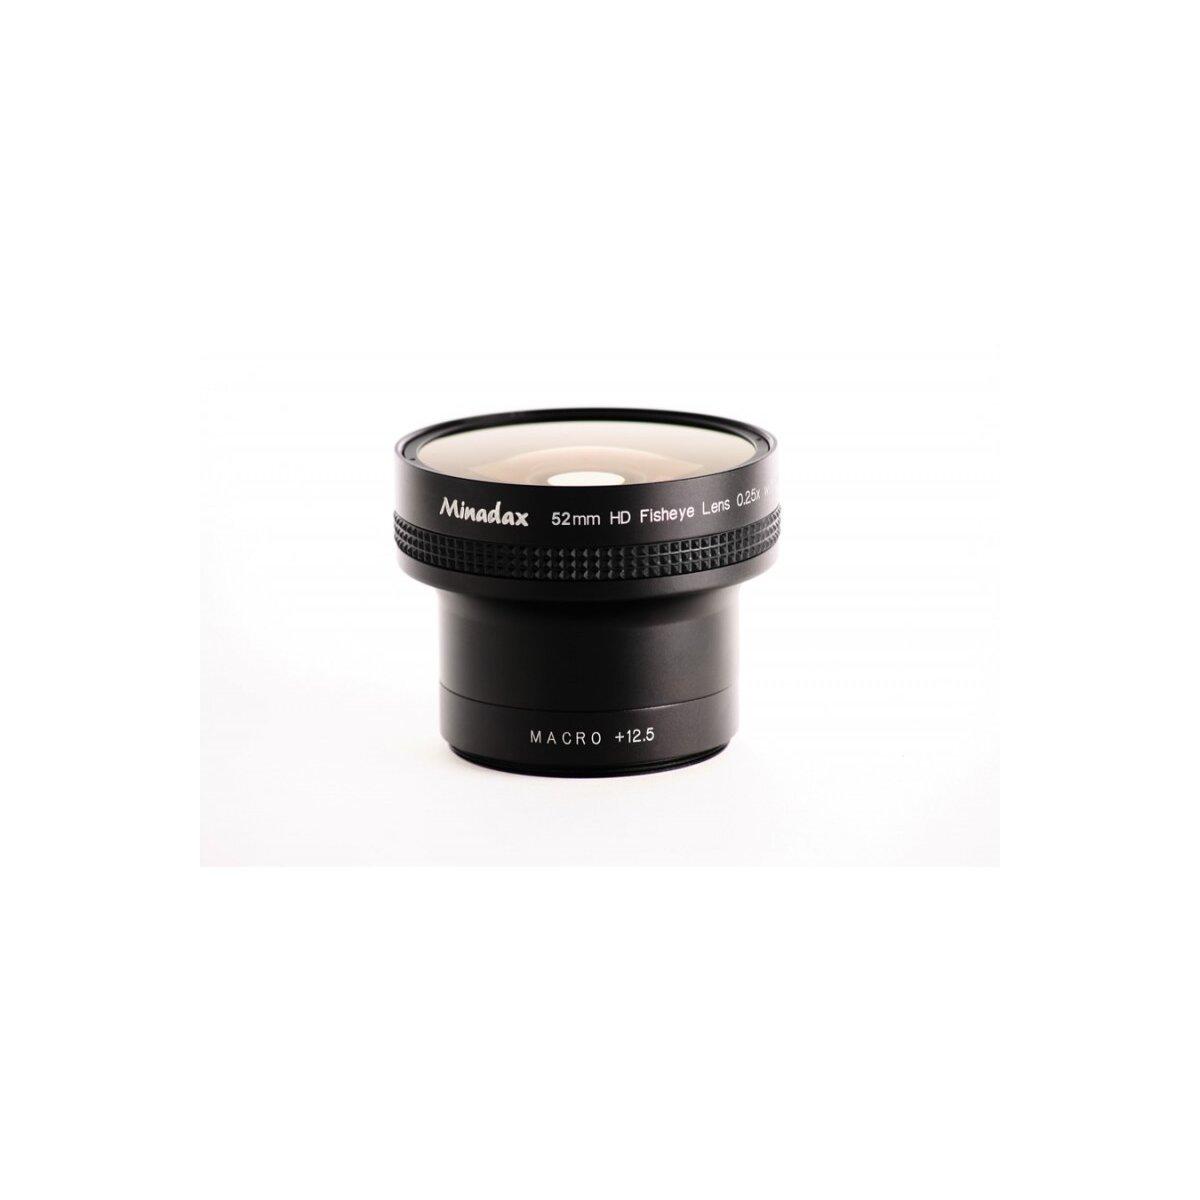 Minadax 0.25x Fisheye Vorsatz kompatibel mit Canon Powershot S2 IS, S3 IS, S5 IS - in schwarz